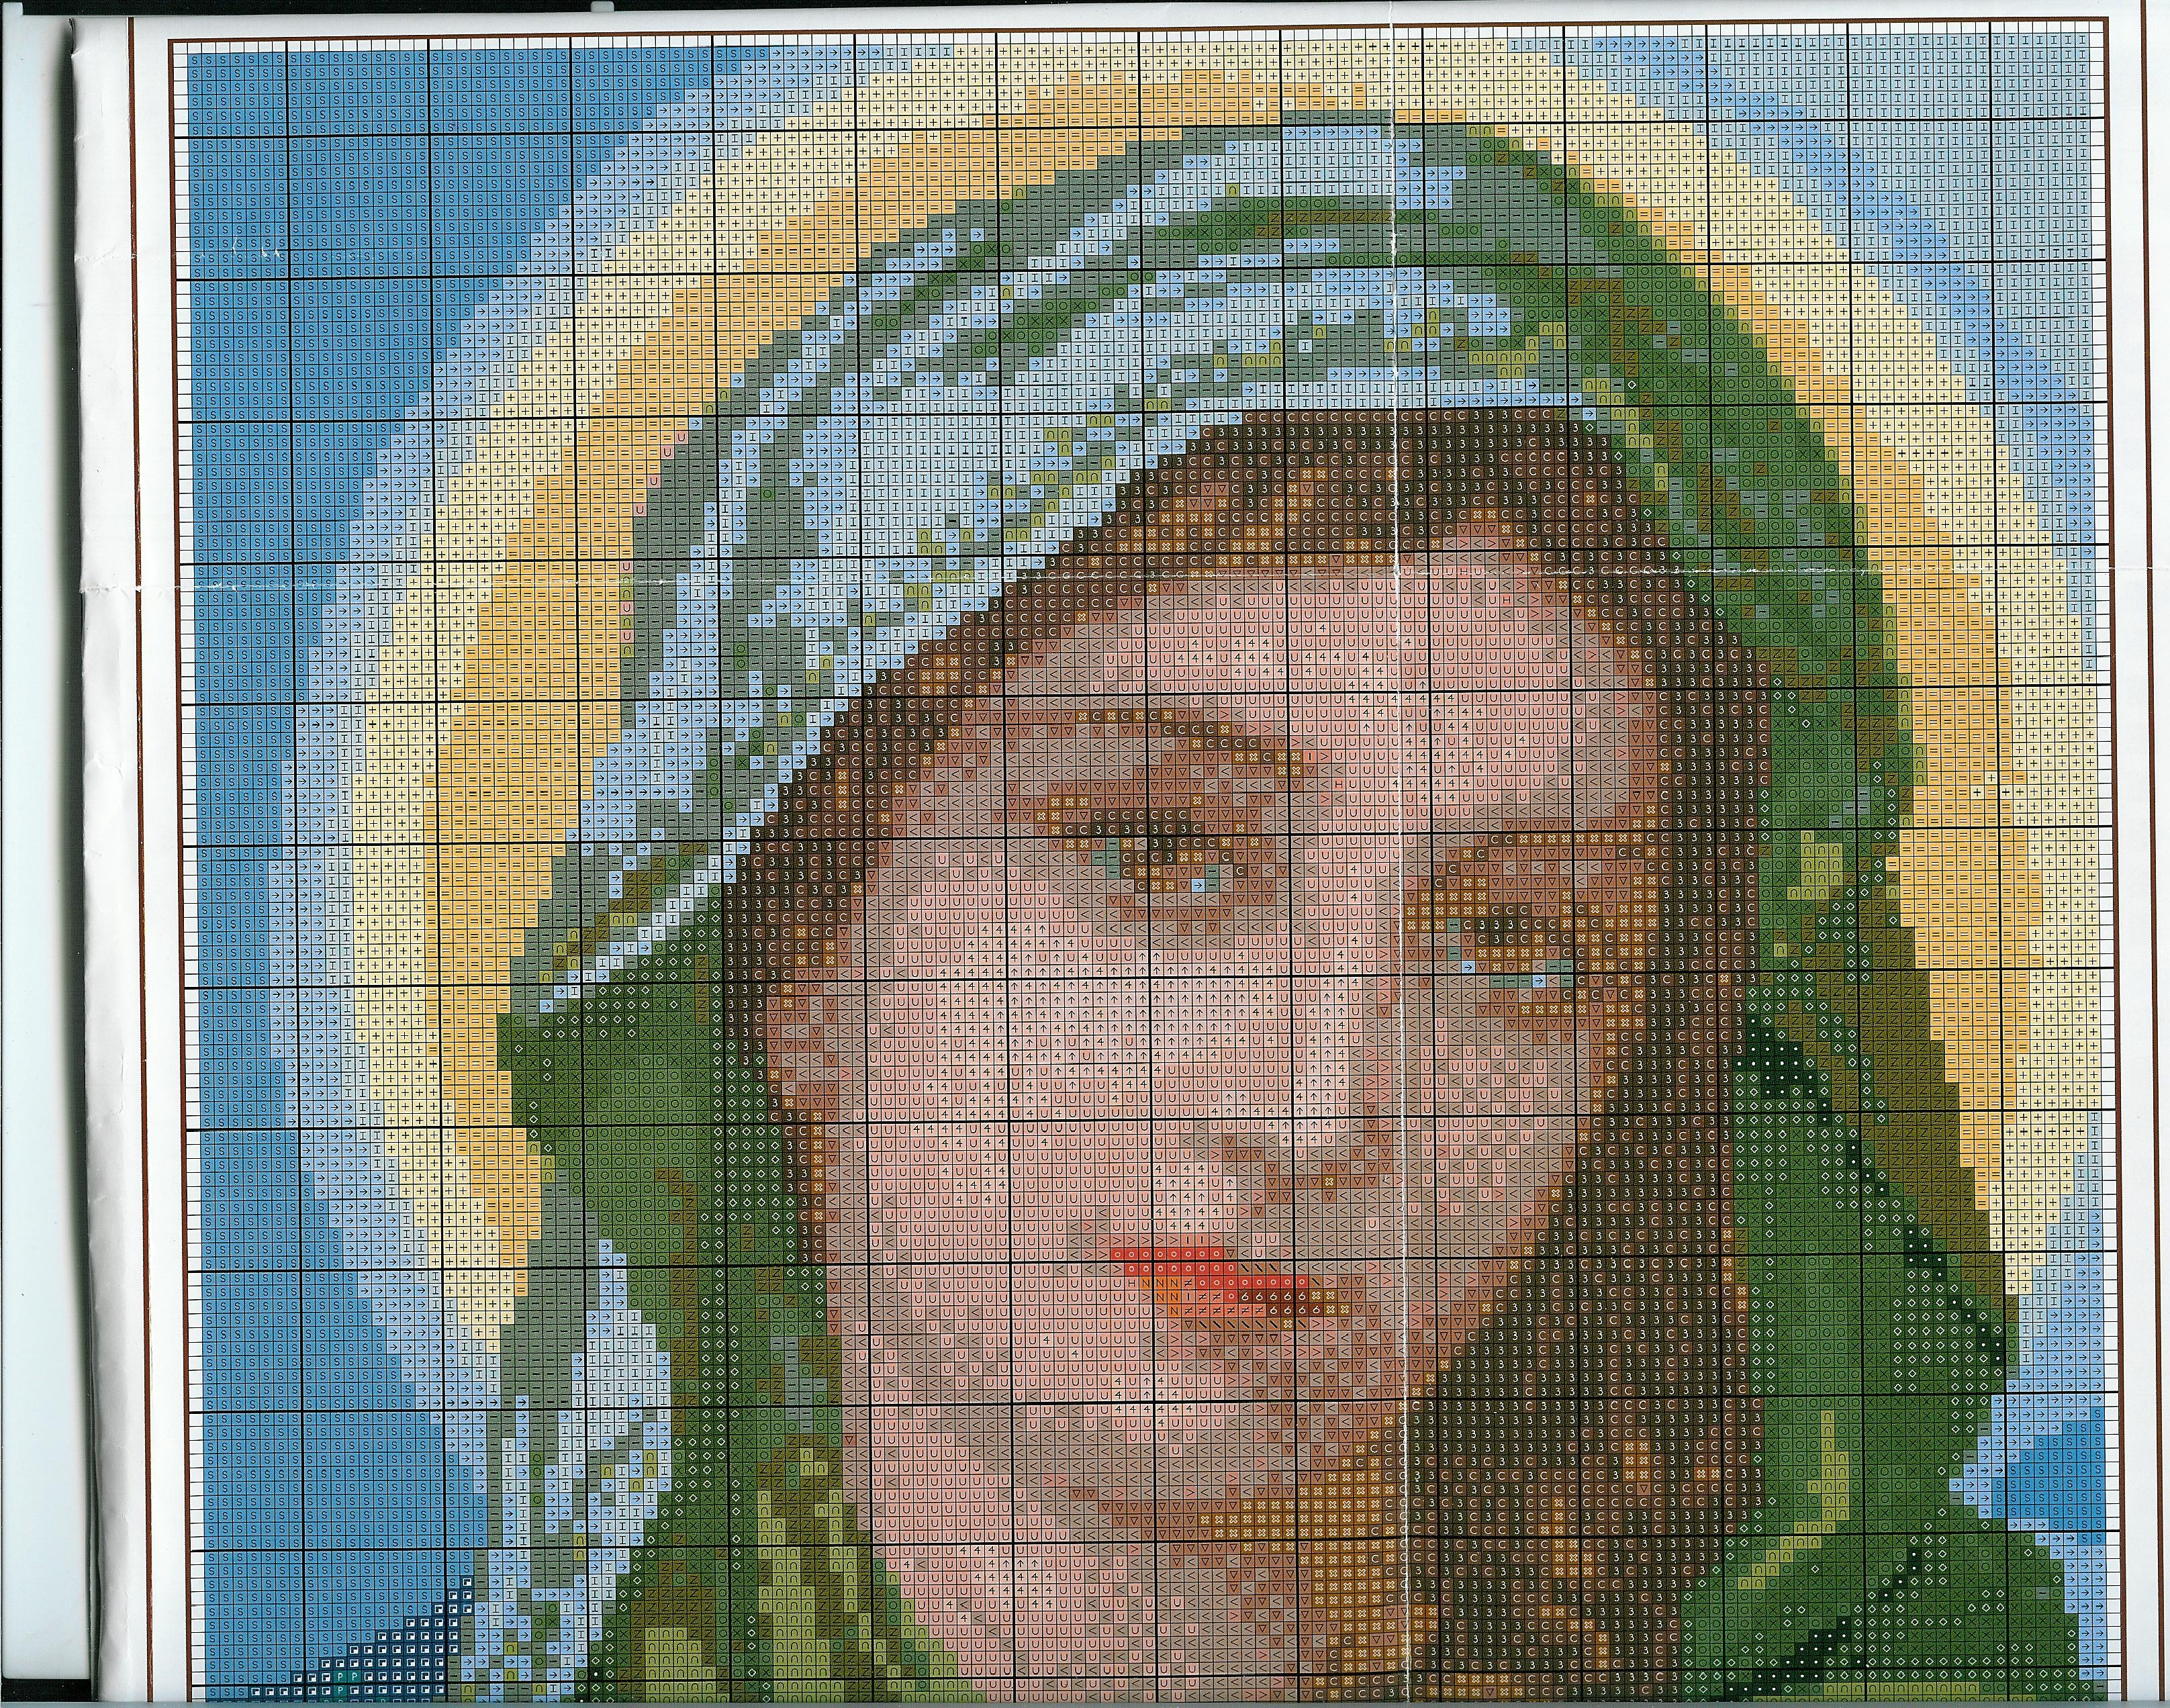 cuadro del corazon de maria